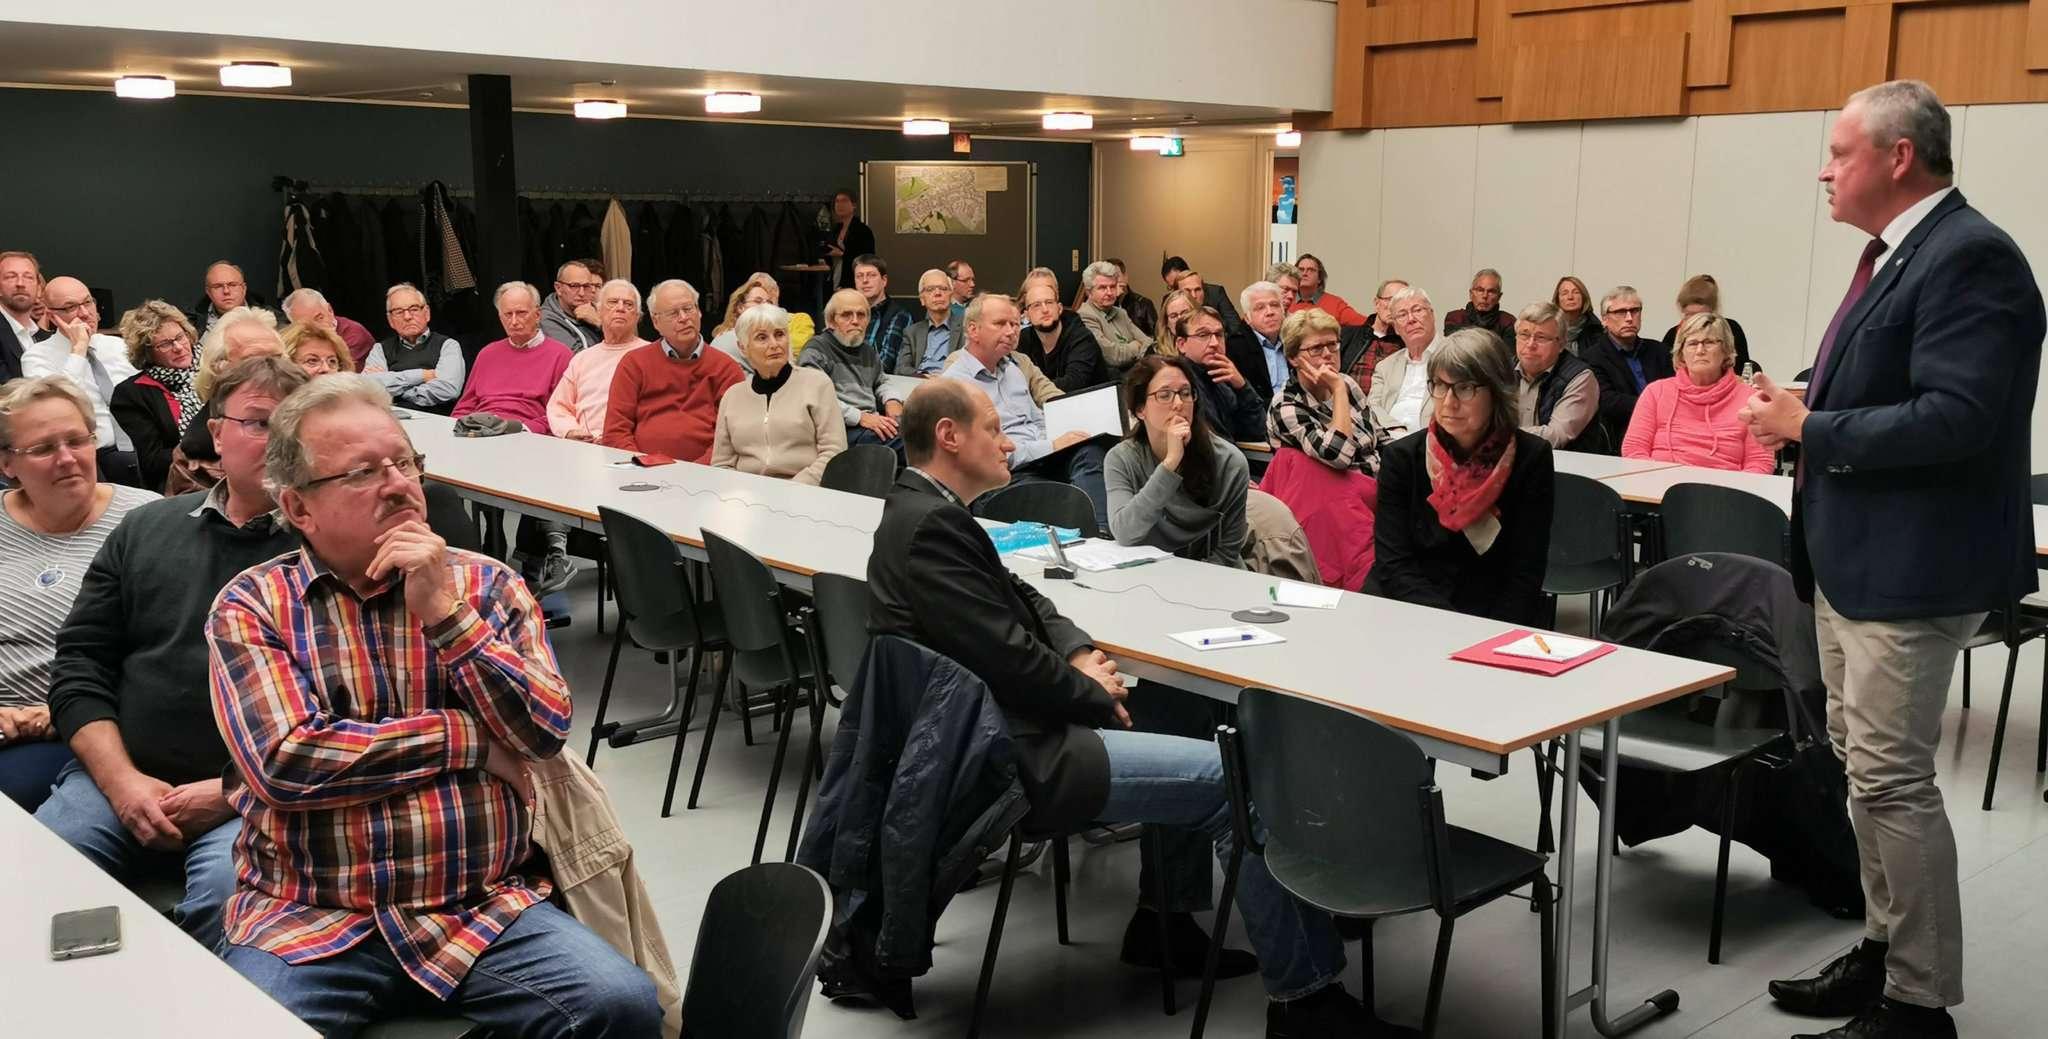 Bürgermeister Andreas Weber begrüßte etwa 80 Teilnehmer in der Aula der IGS.